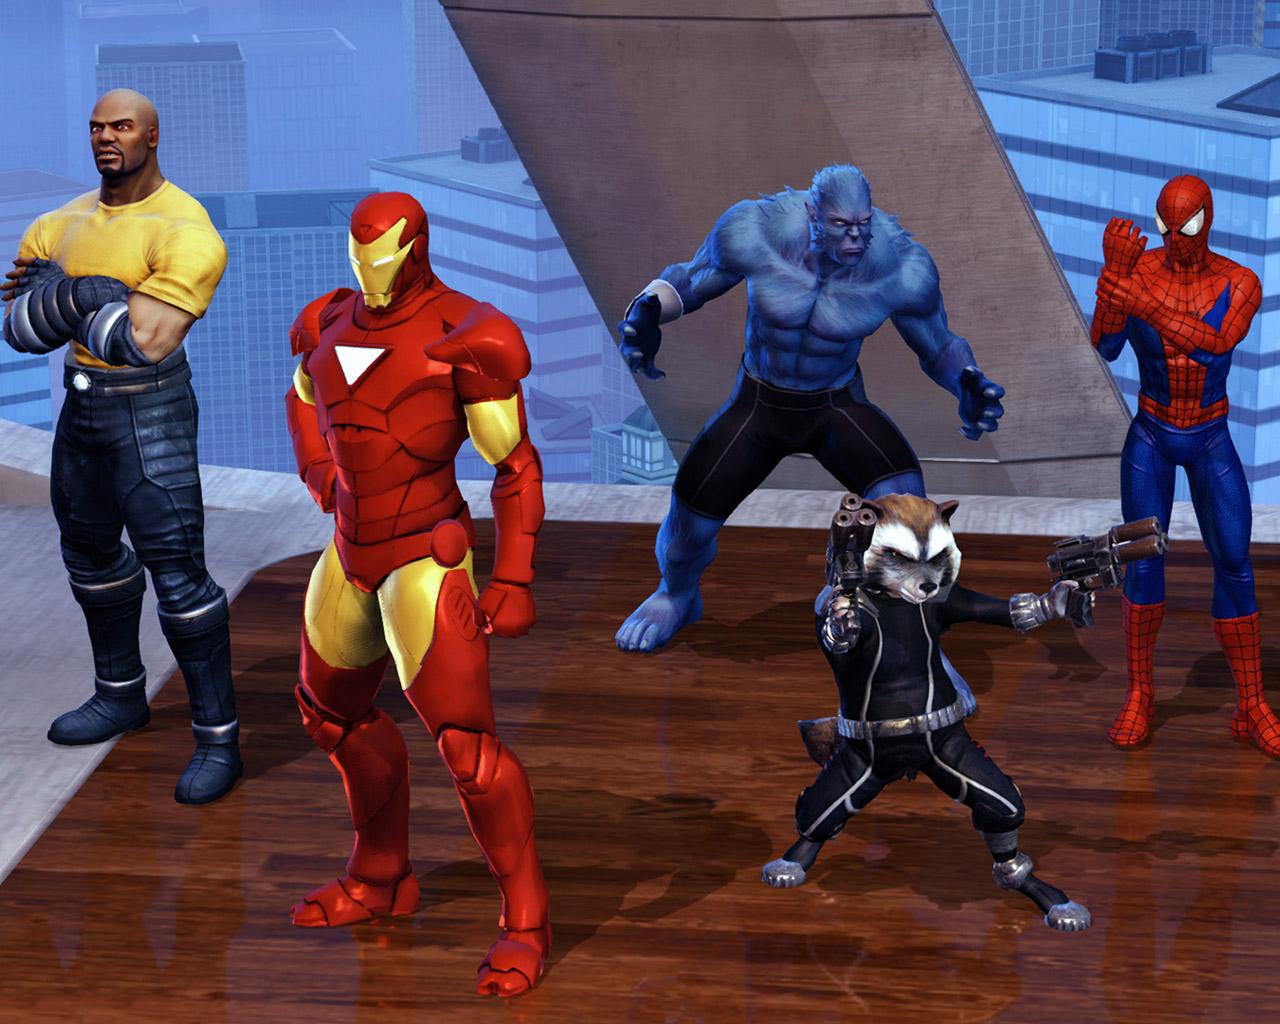 Free Marvel Heroes Wallpaper in 1280x1024